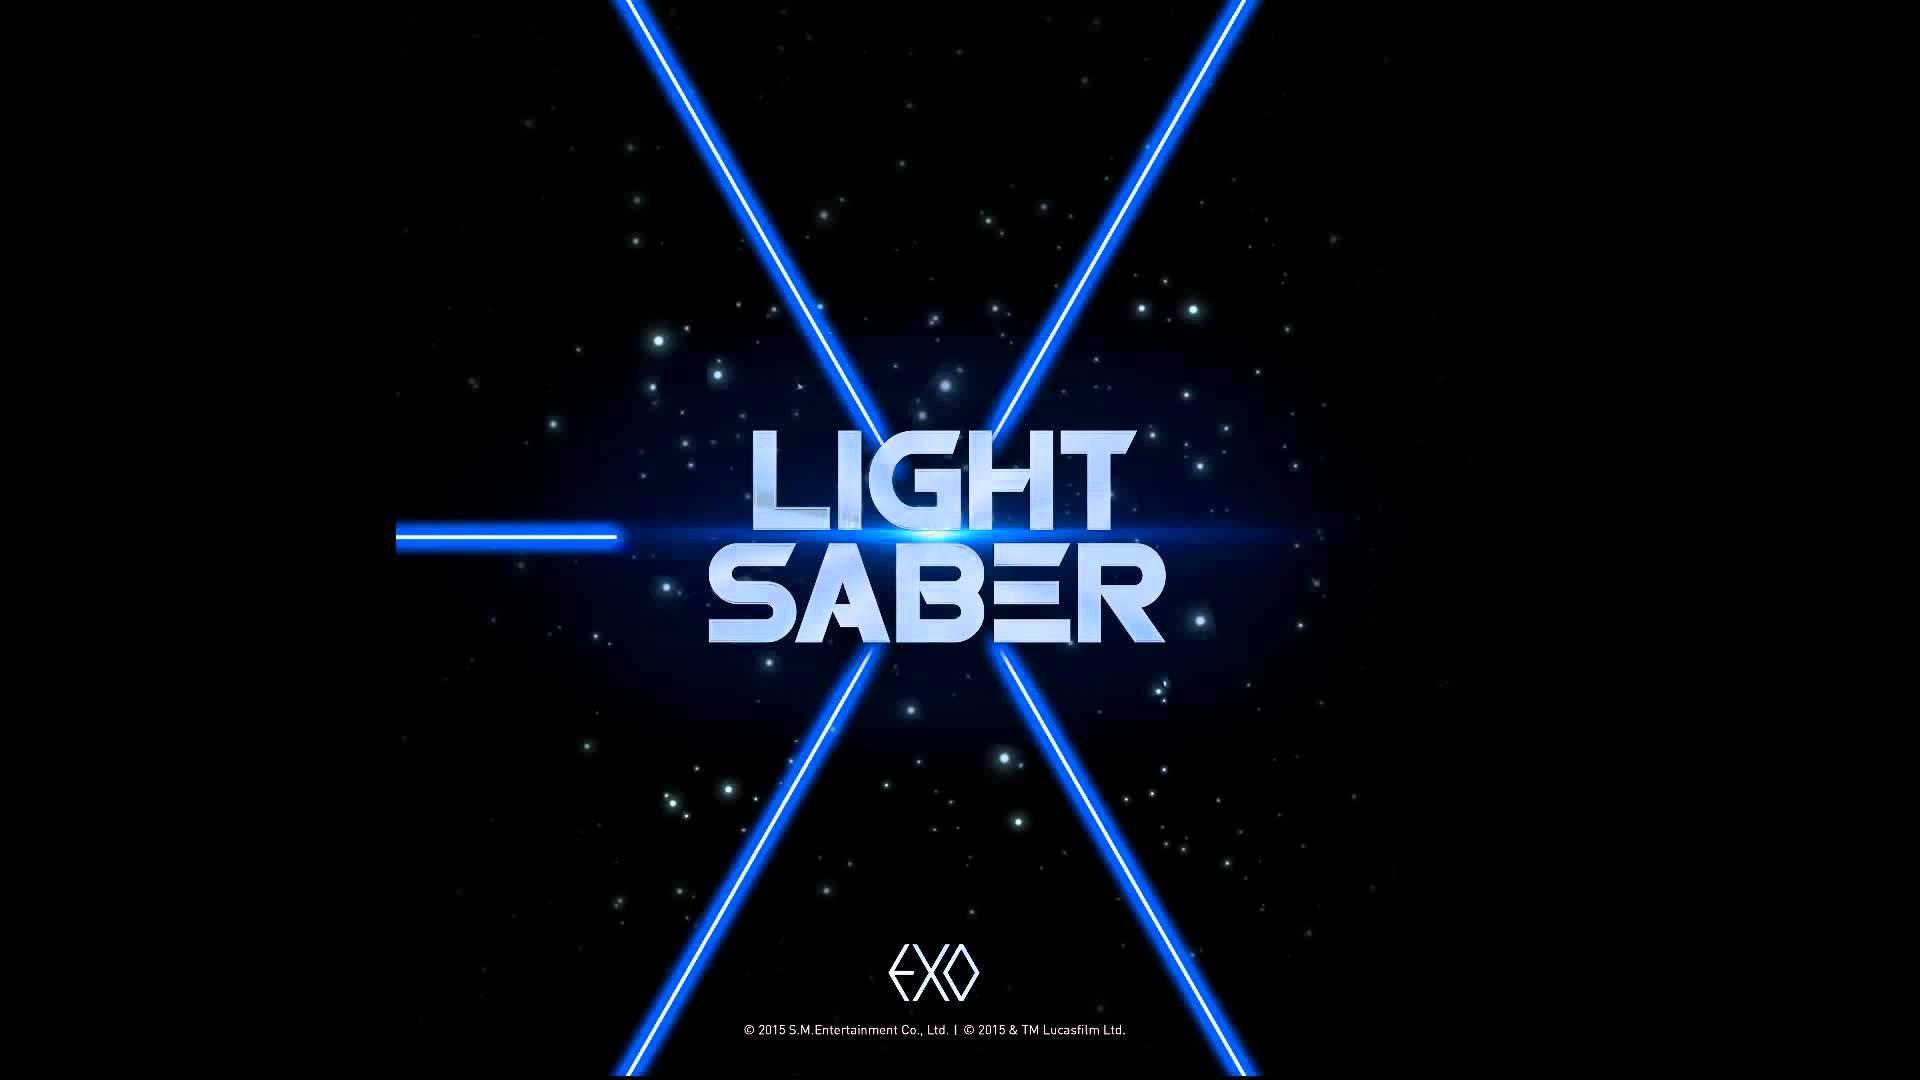 EXO – Lightsaber (Full version)